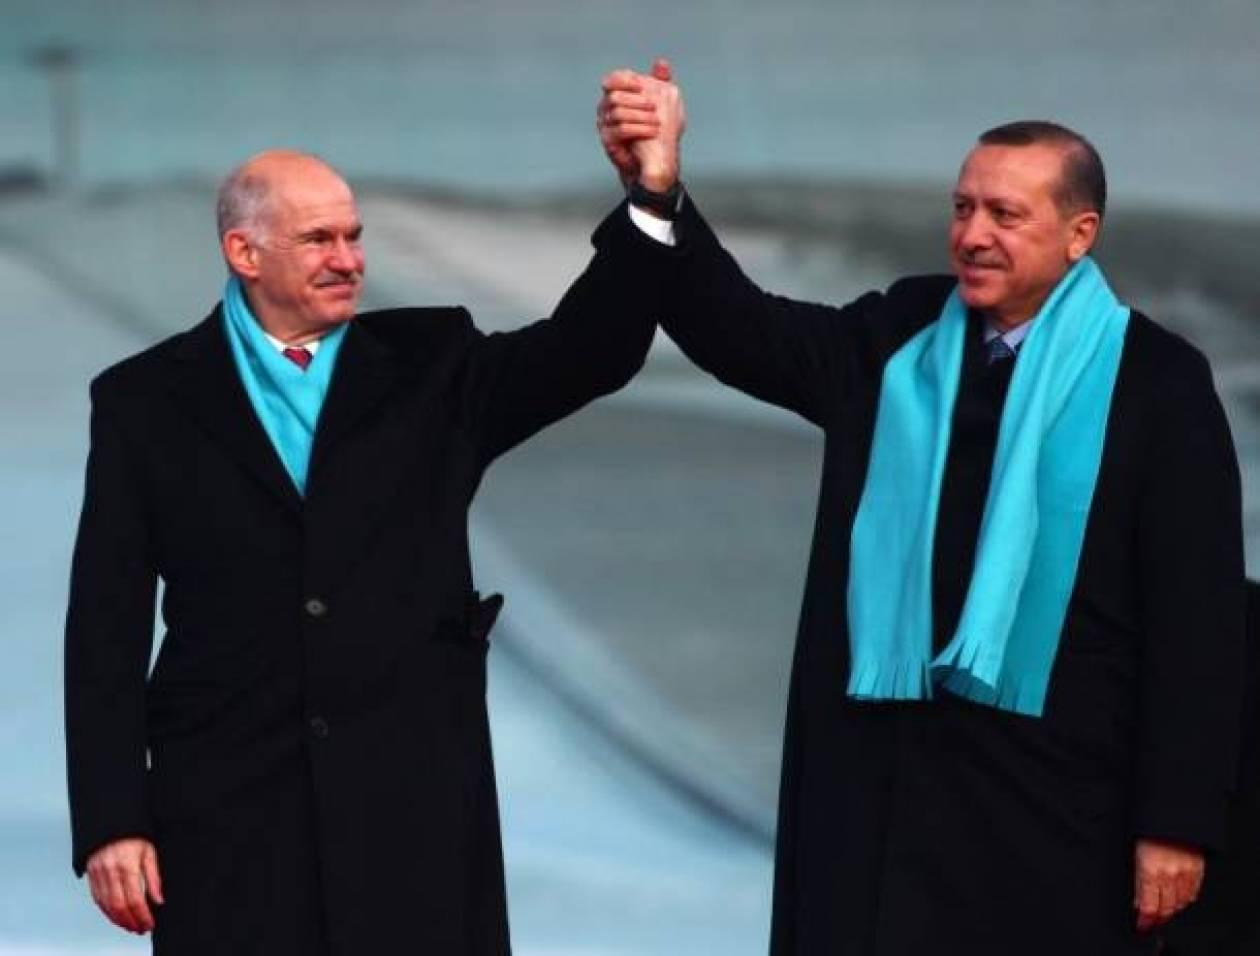 Ο Γιωργάκης ξεπουλάει Ελλάδα και Κύπρο στον Ερντογάν!